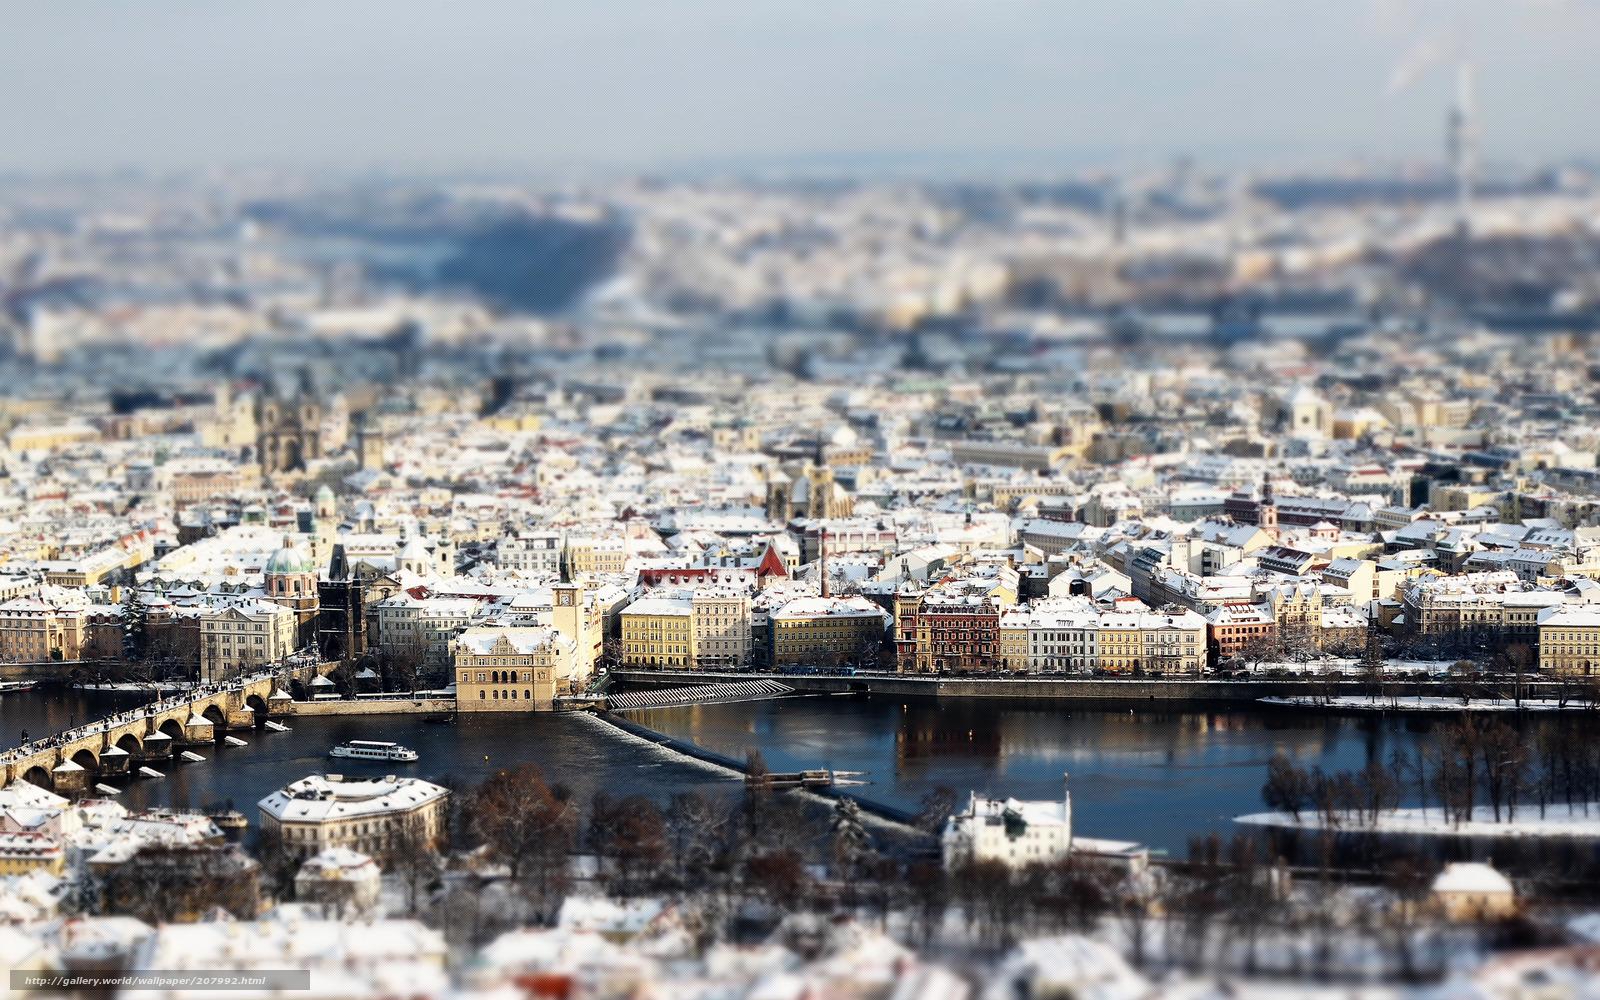 Tlcharger Fond d'ecran Ville,  Prague,  hiver,  neige Fonds d'ecran gratuits pour votre rsolution du bureau 2560x1600 — image №207992